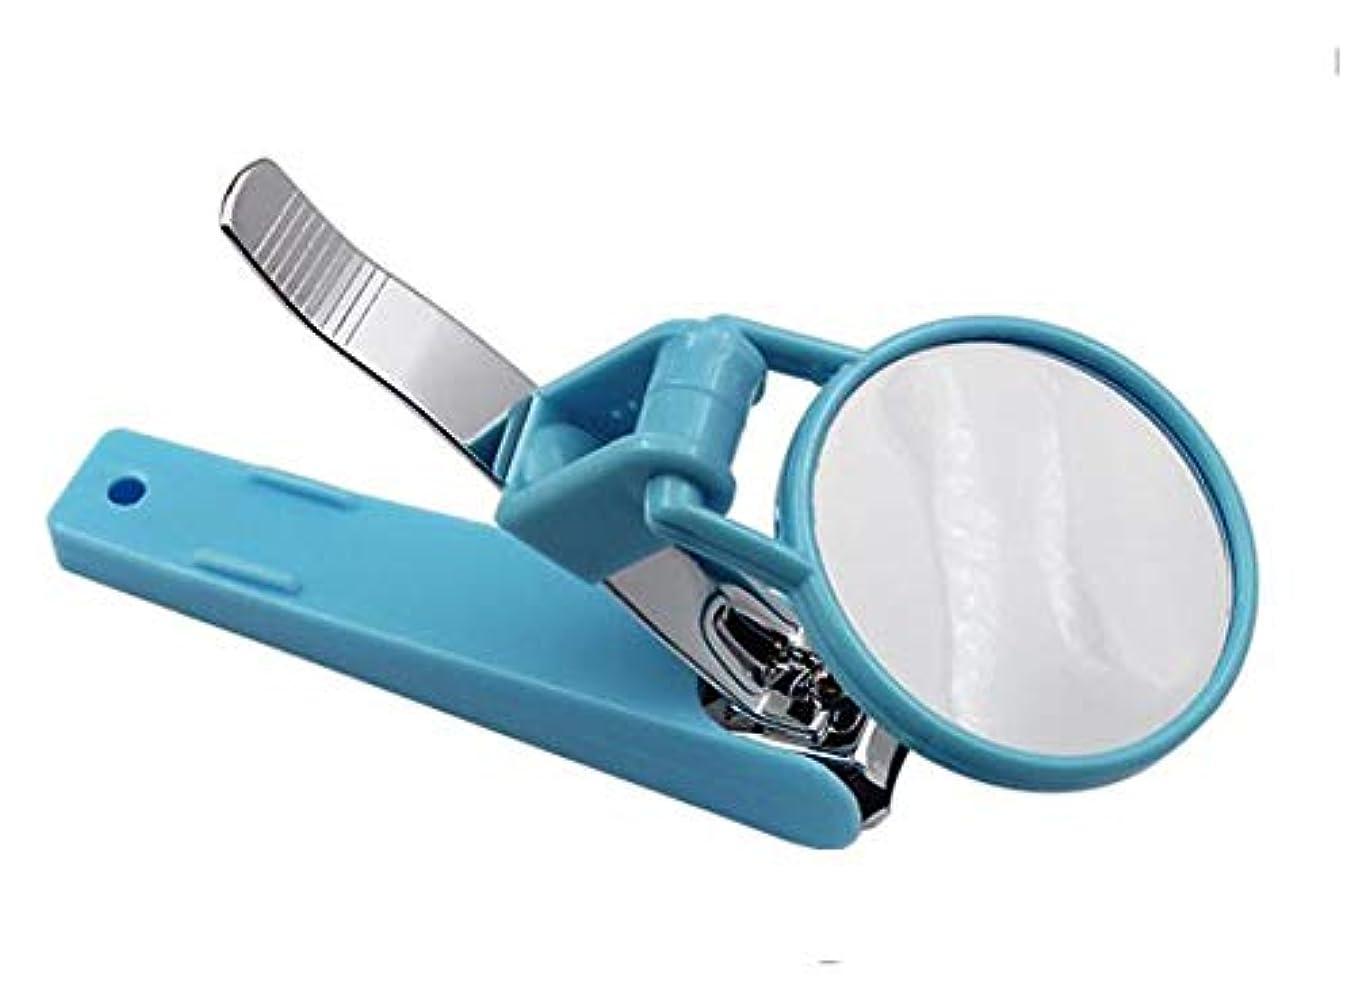 窒素正義腐敗したHJ 爪切り ルーペ付き爪切り ネイルケア 拡大鏡付き つめきり ルーペ付きツメキリ ルーペ付きネイルケア 高齢者向け 虫眼鏡 ステンレス鋼 コンパクト 携帯便利 360度回転する